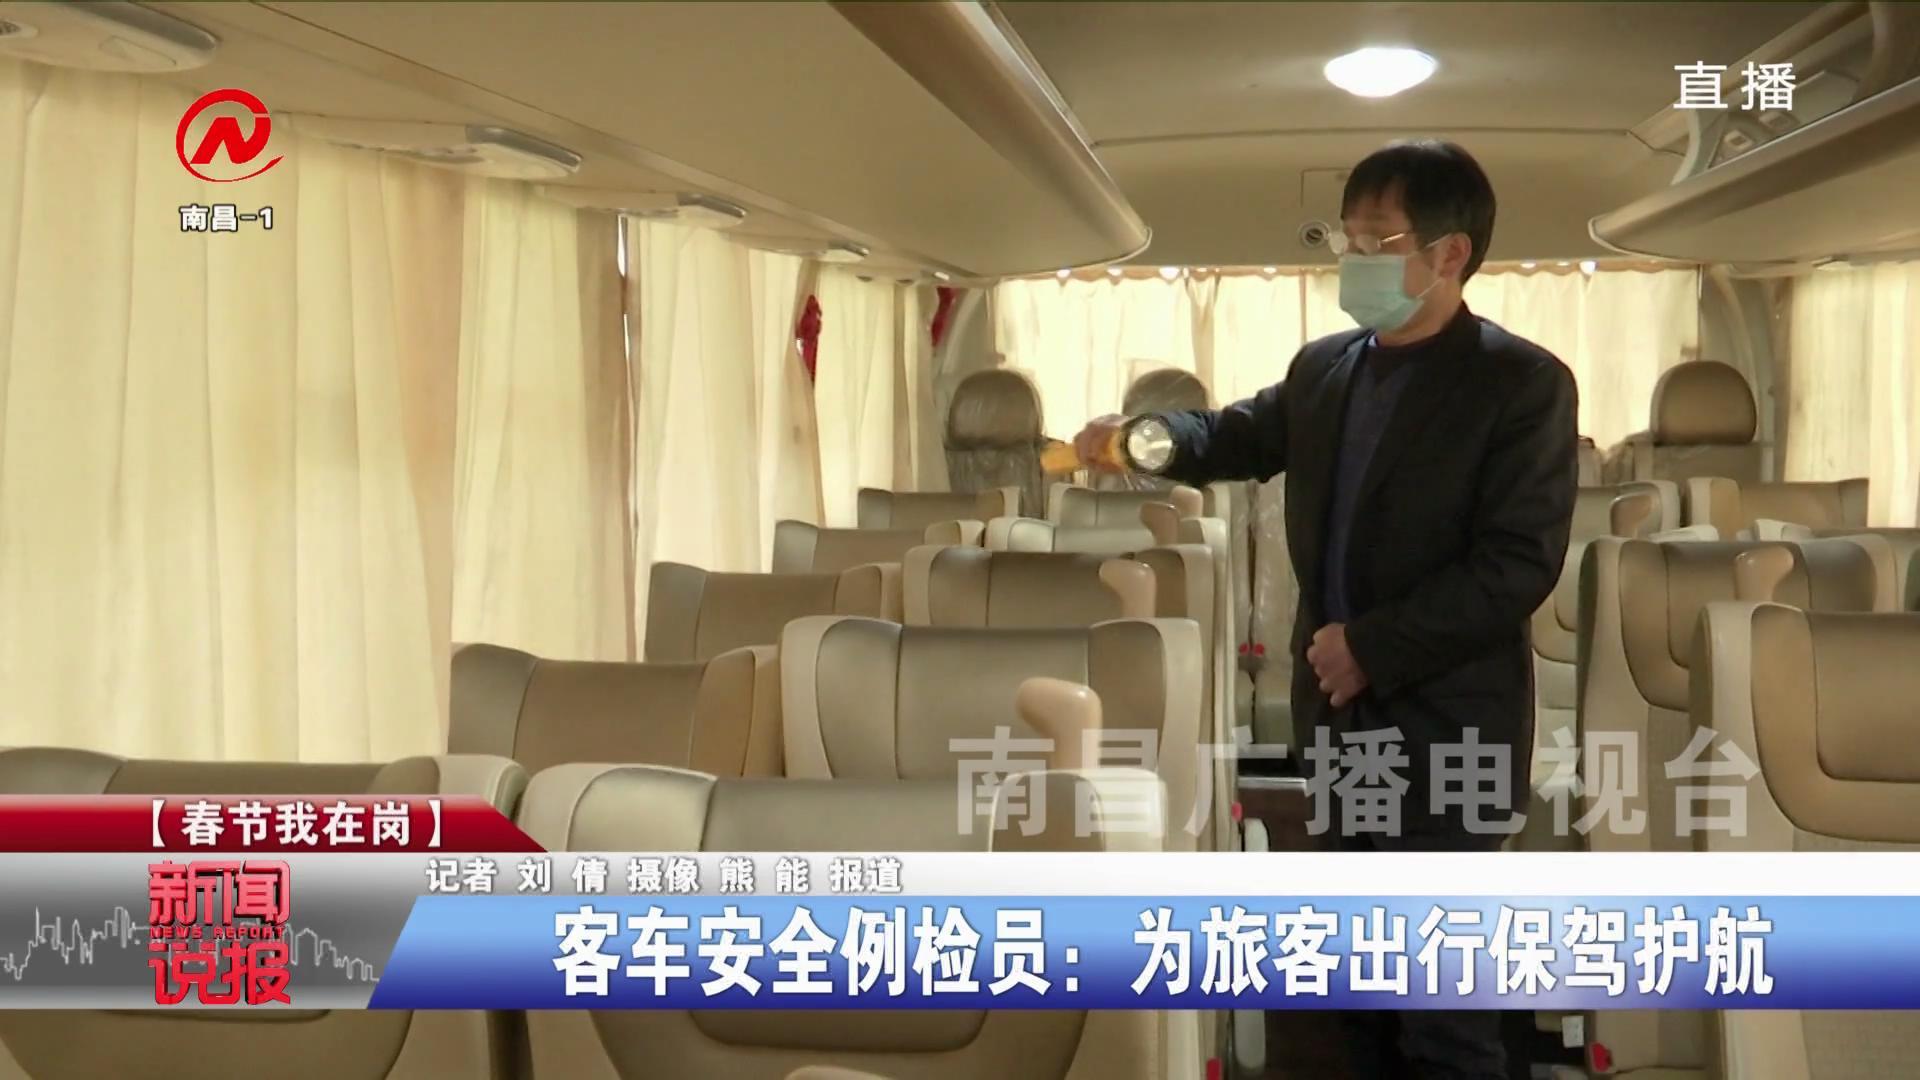 客車安全例檢員:為旅客出行保駕護航